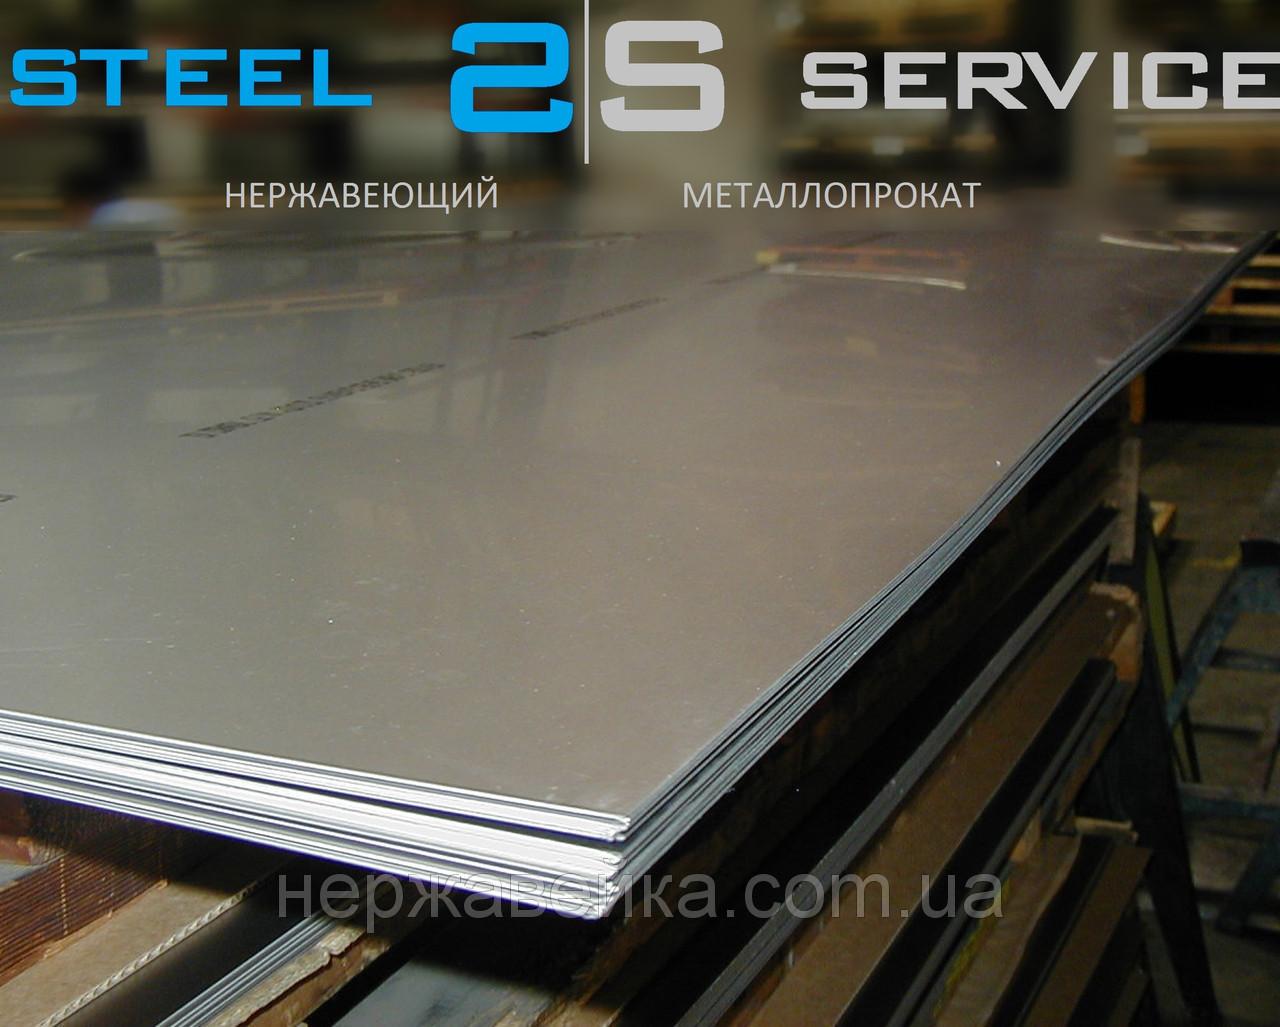 Листовая нержавейка 0,4х1250х2500мм AISI 430(12Х17) 4N - шлифованный, технический